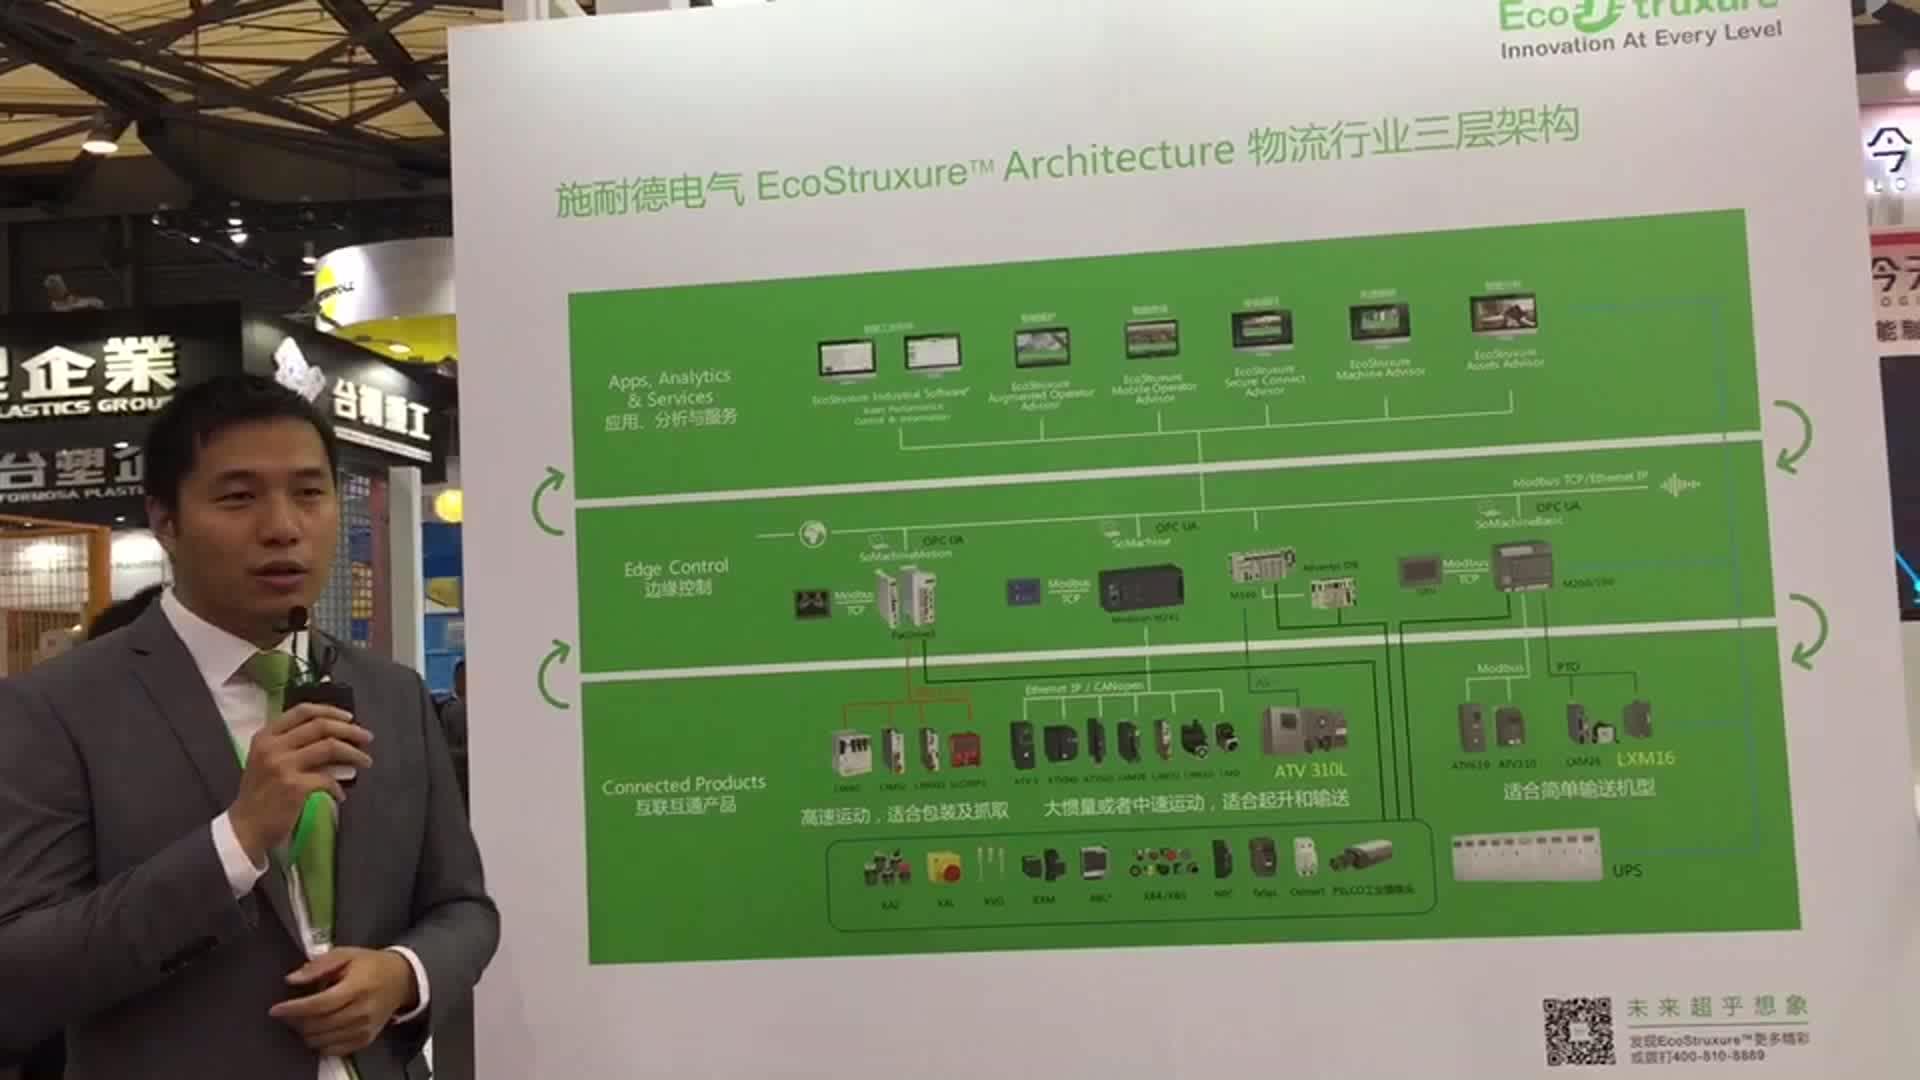 【施耐德展台介绍】施耐德电气(中国)有限公司上海分公司 傅轶敏先生